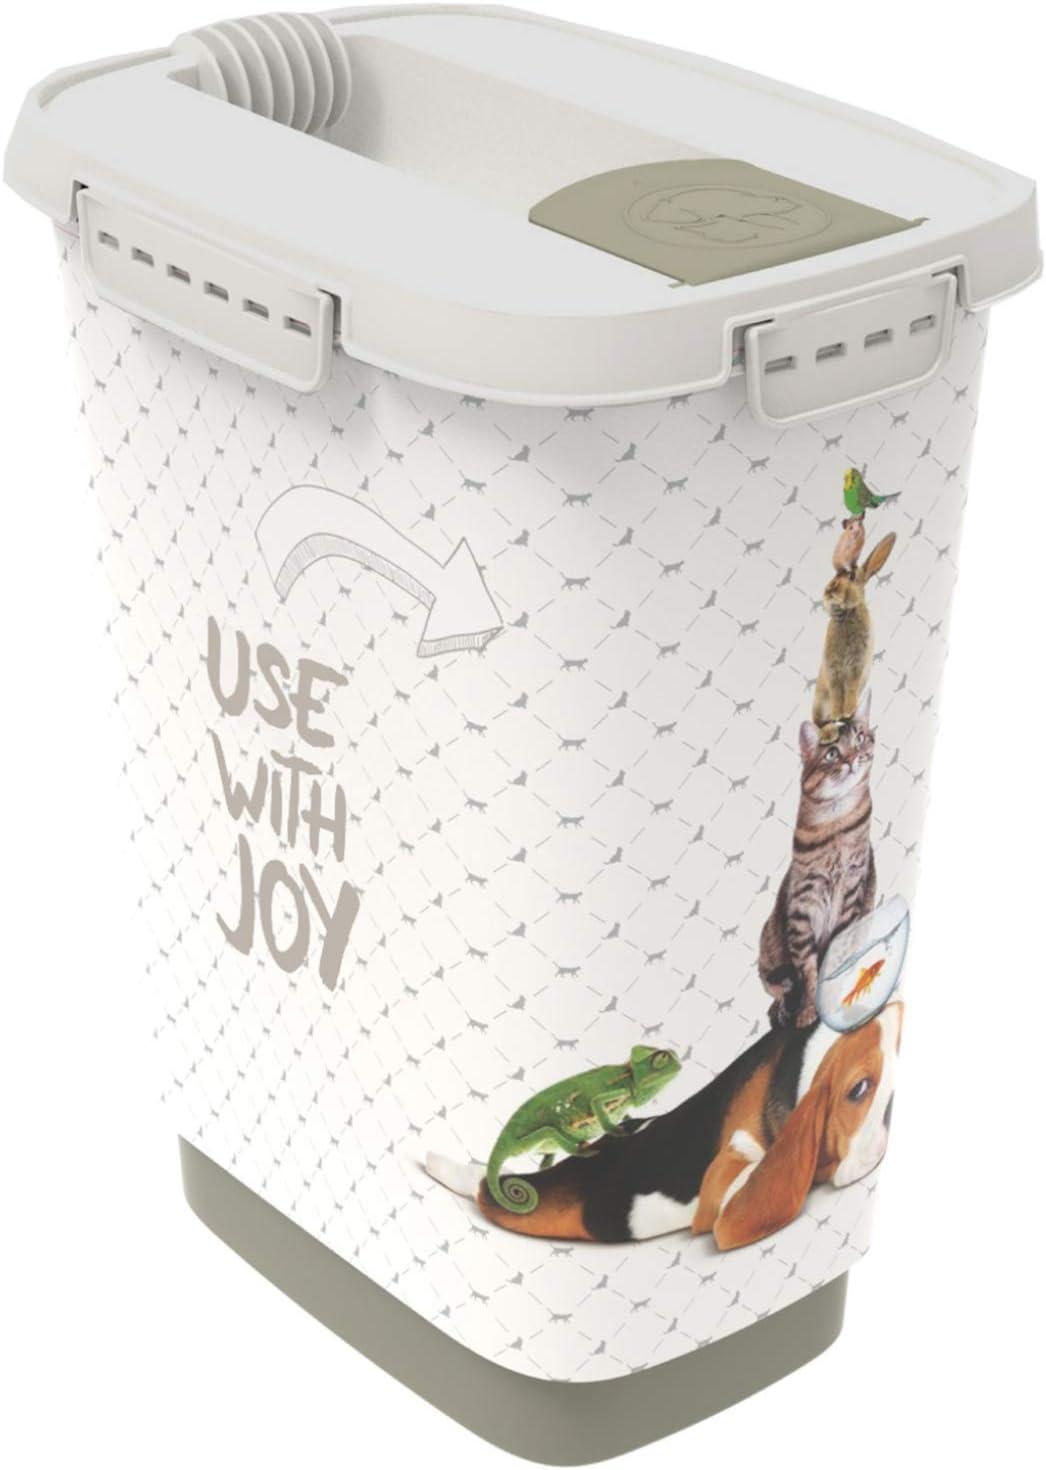 Rotho Cody, Recipiente de comida para mascotas de 10 litros con tapa y solapa para una dosificación práctica, Plástico PP sin BPA, antracita, blanco, 10l 24.3 x 17.9 x 32.2 cm